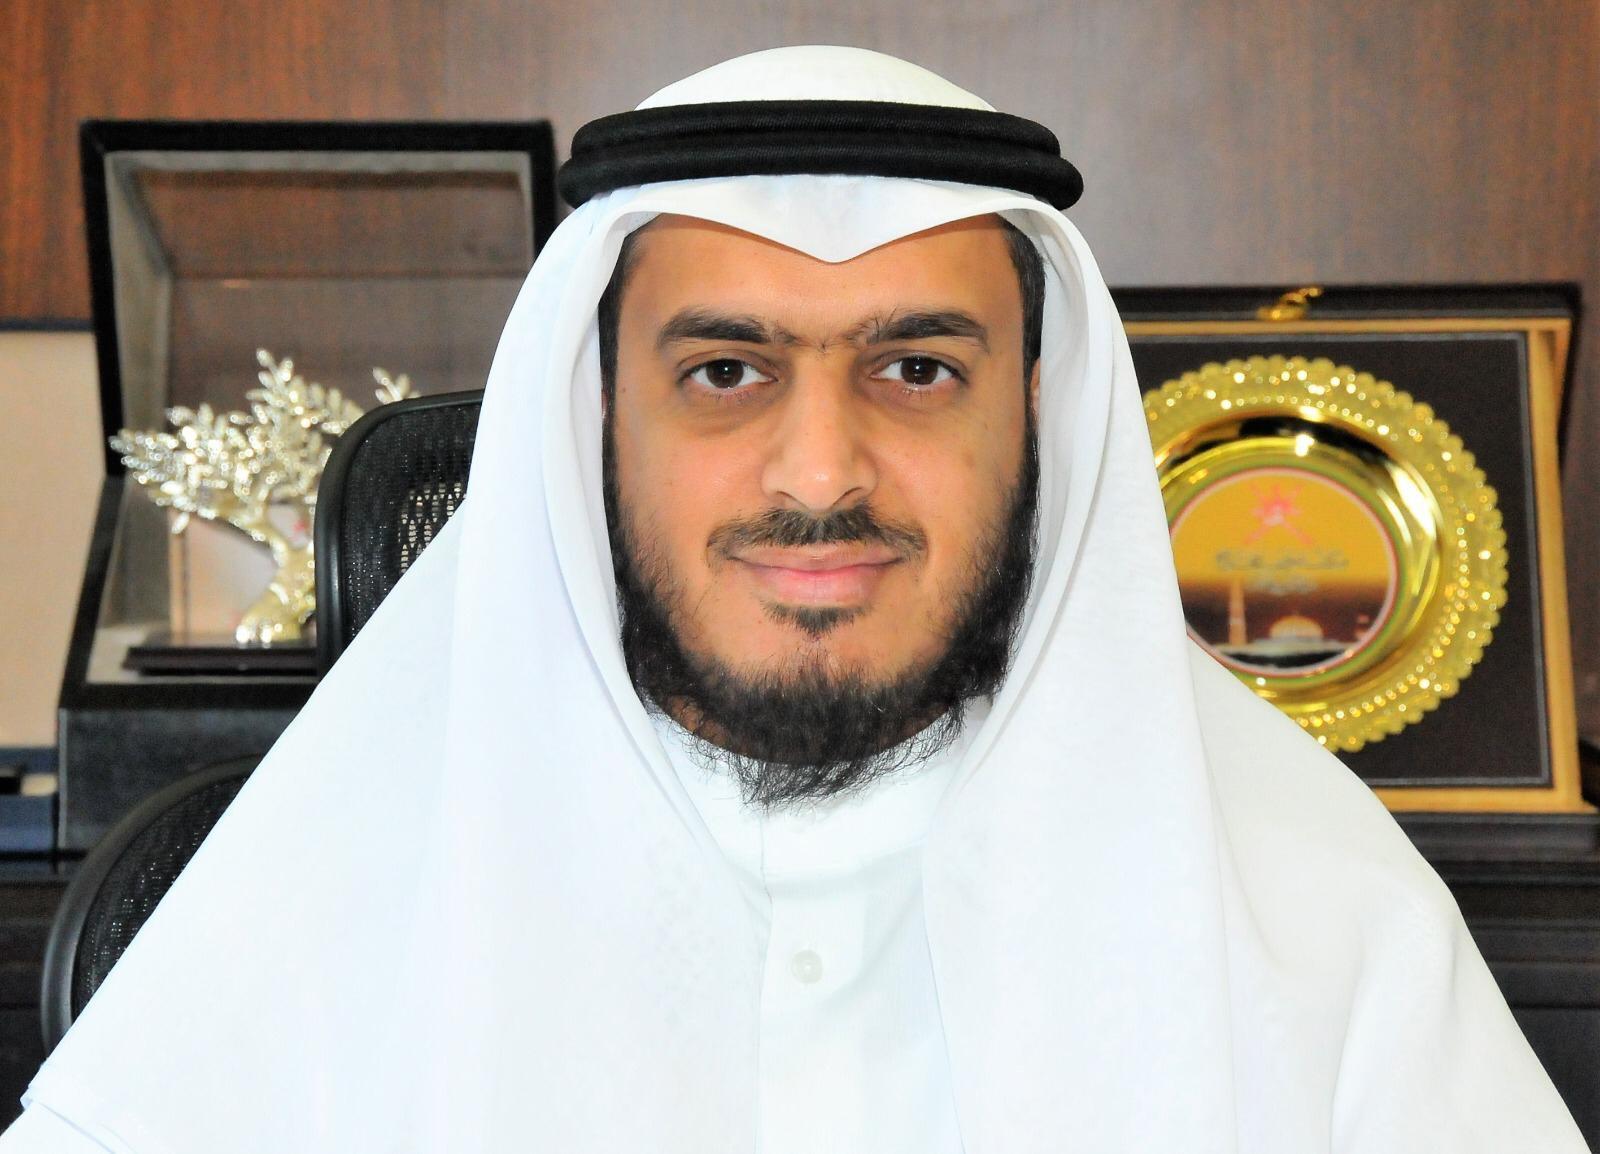 المطيري : يجب على الراغبين في أداء العمرة الالتزام بالاشتراطات الصحية السعودية